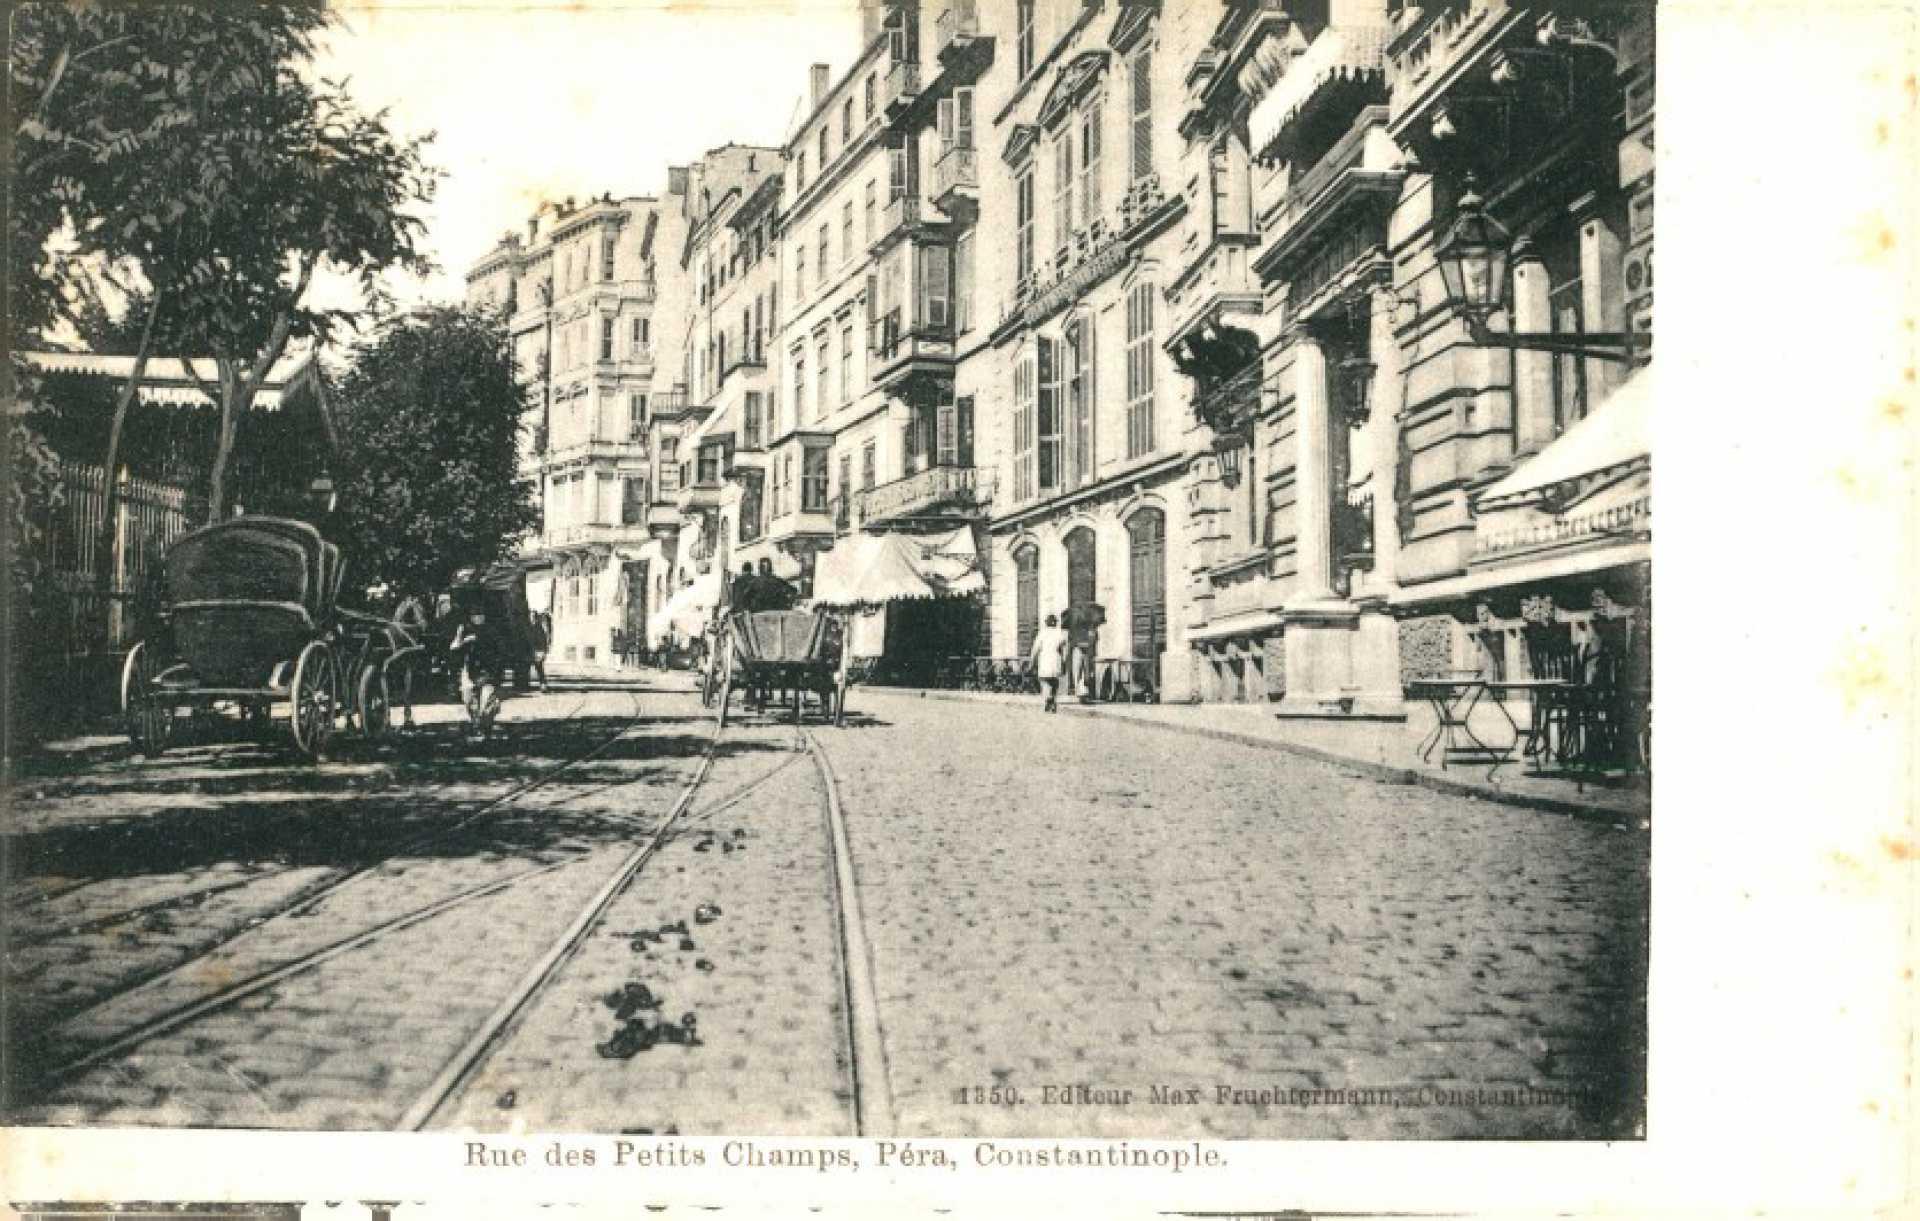 Rue des Petits Champs. Pera